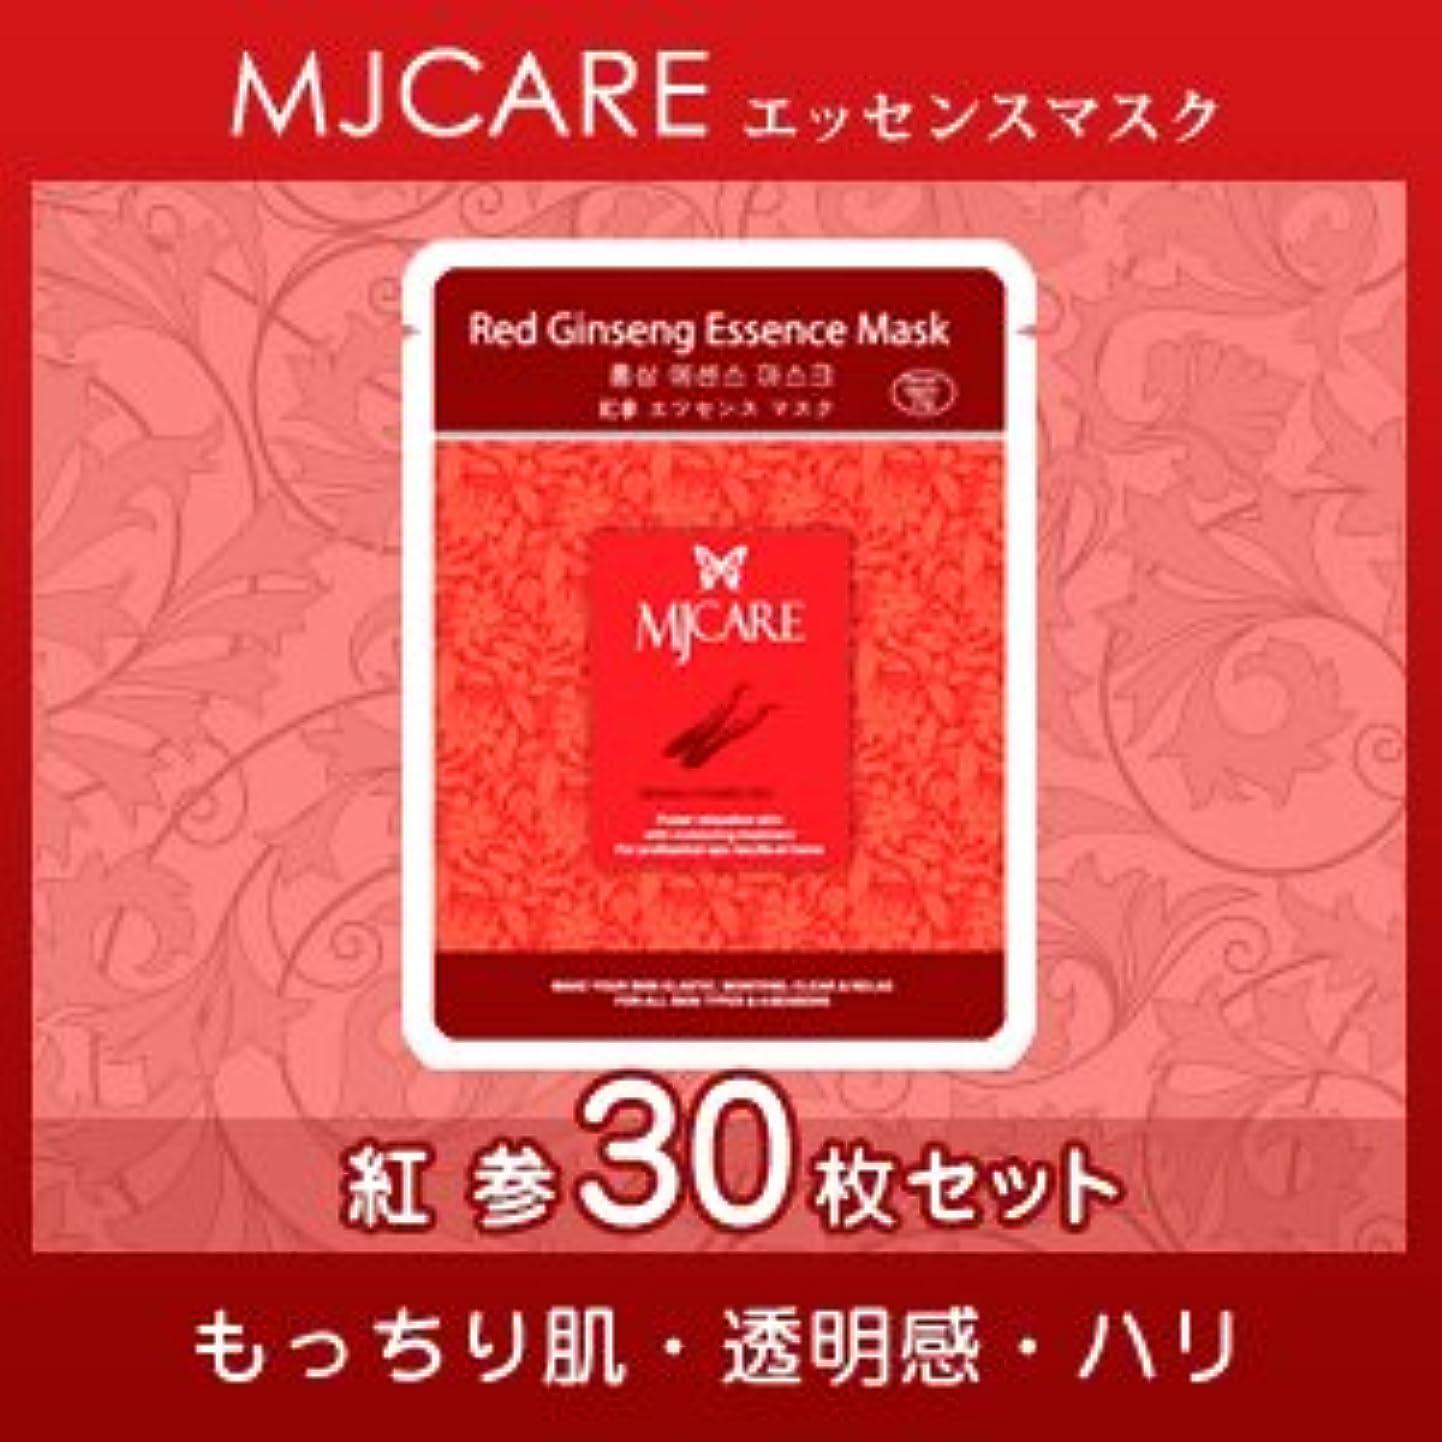 毒カトリック教徒原始的なMJCARE (エムジェイケア) 紅参 エッセンスマスク 30セット